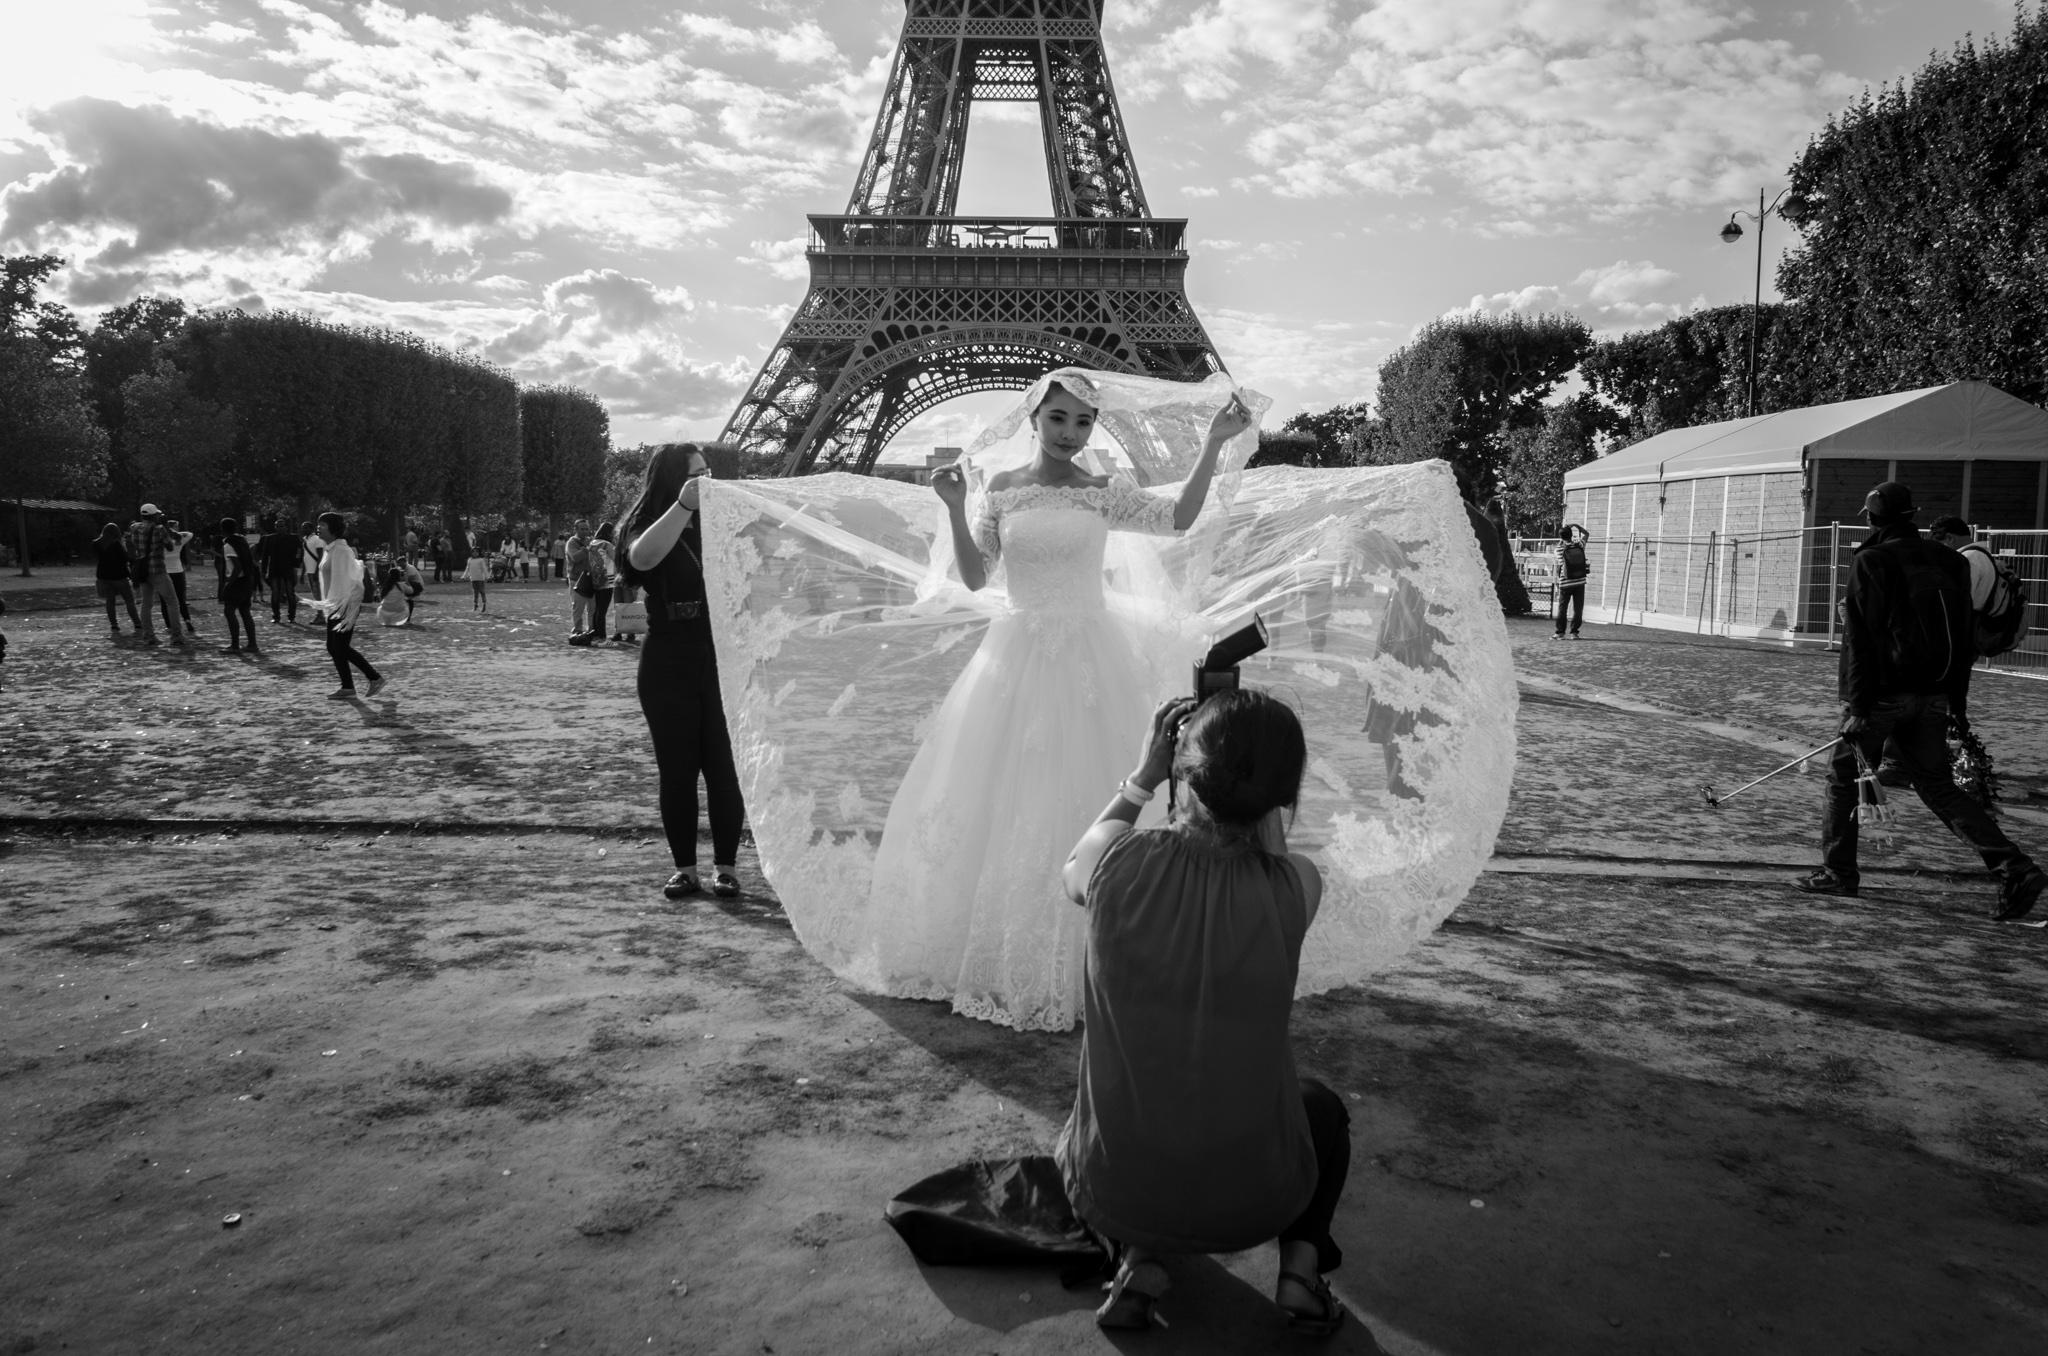 2015-07-29 - Jamritha Honeymoon - 003 - Eiffel Tower - 030